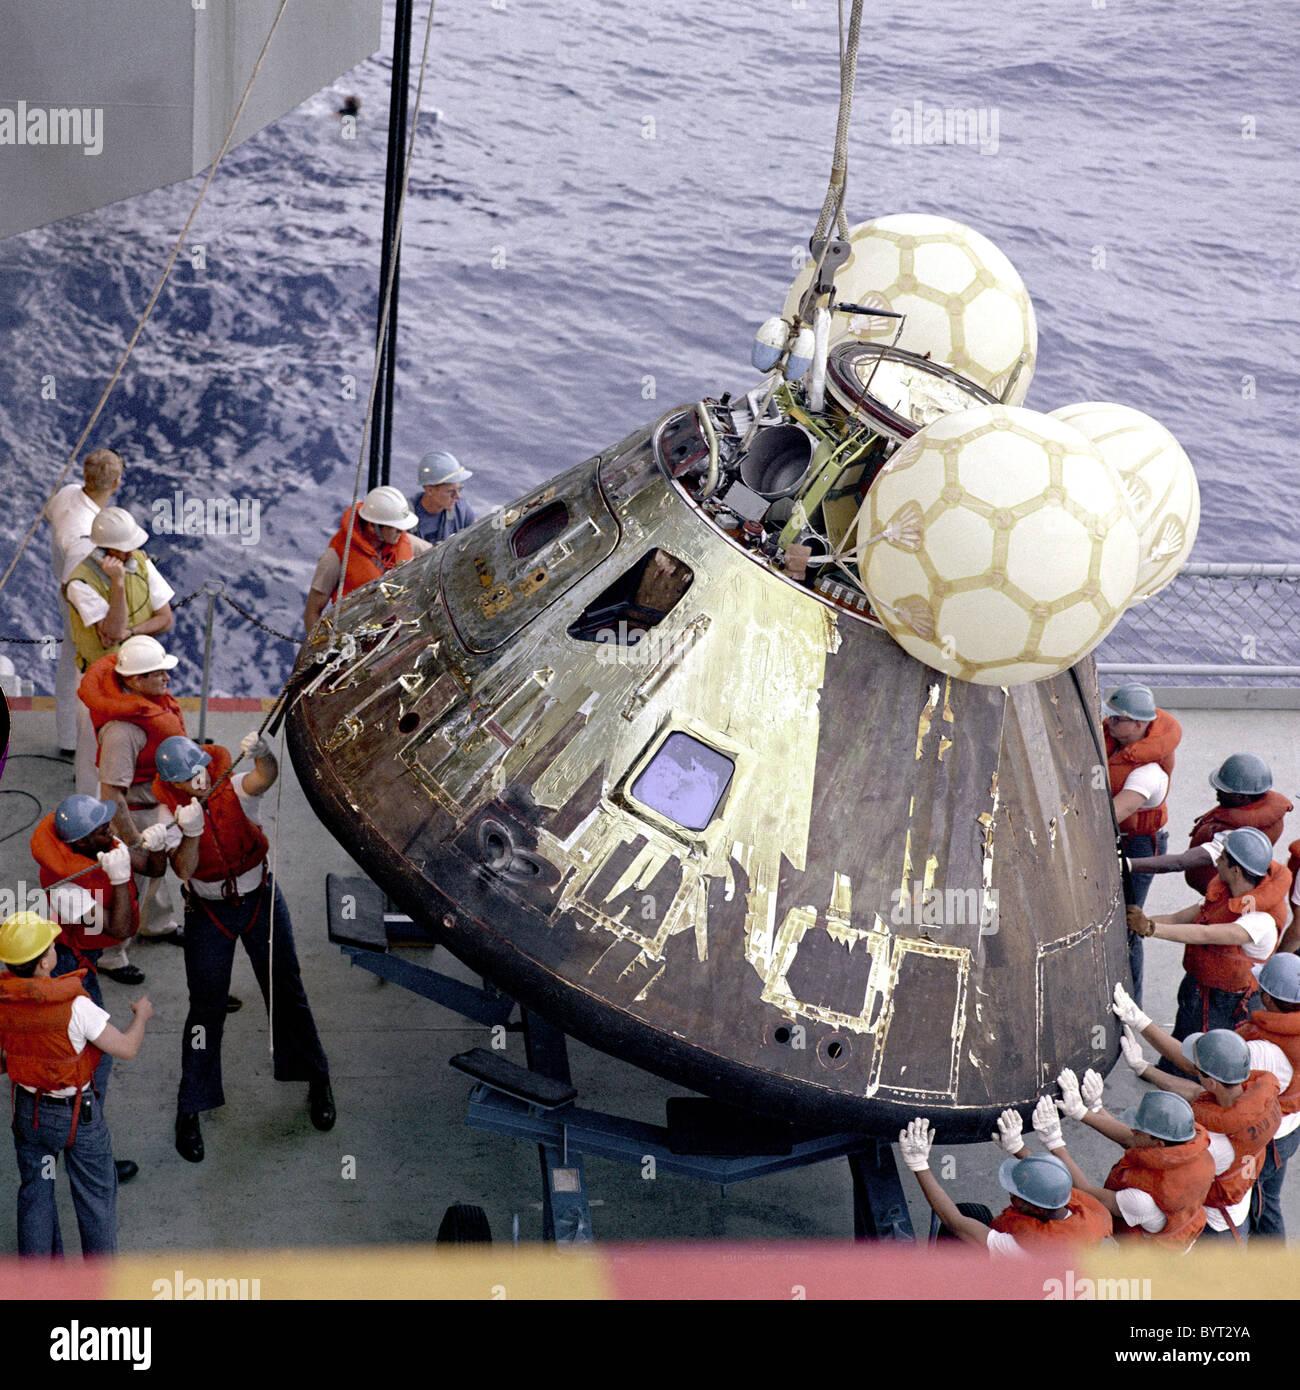 Apollo 13 spacecraft